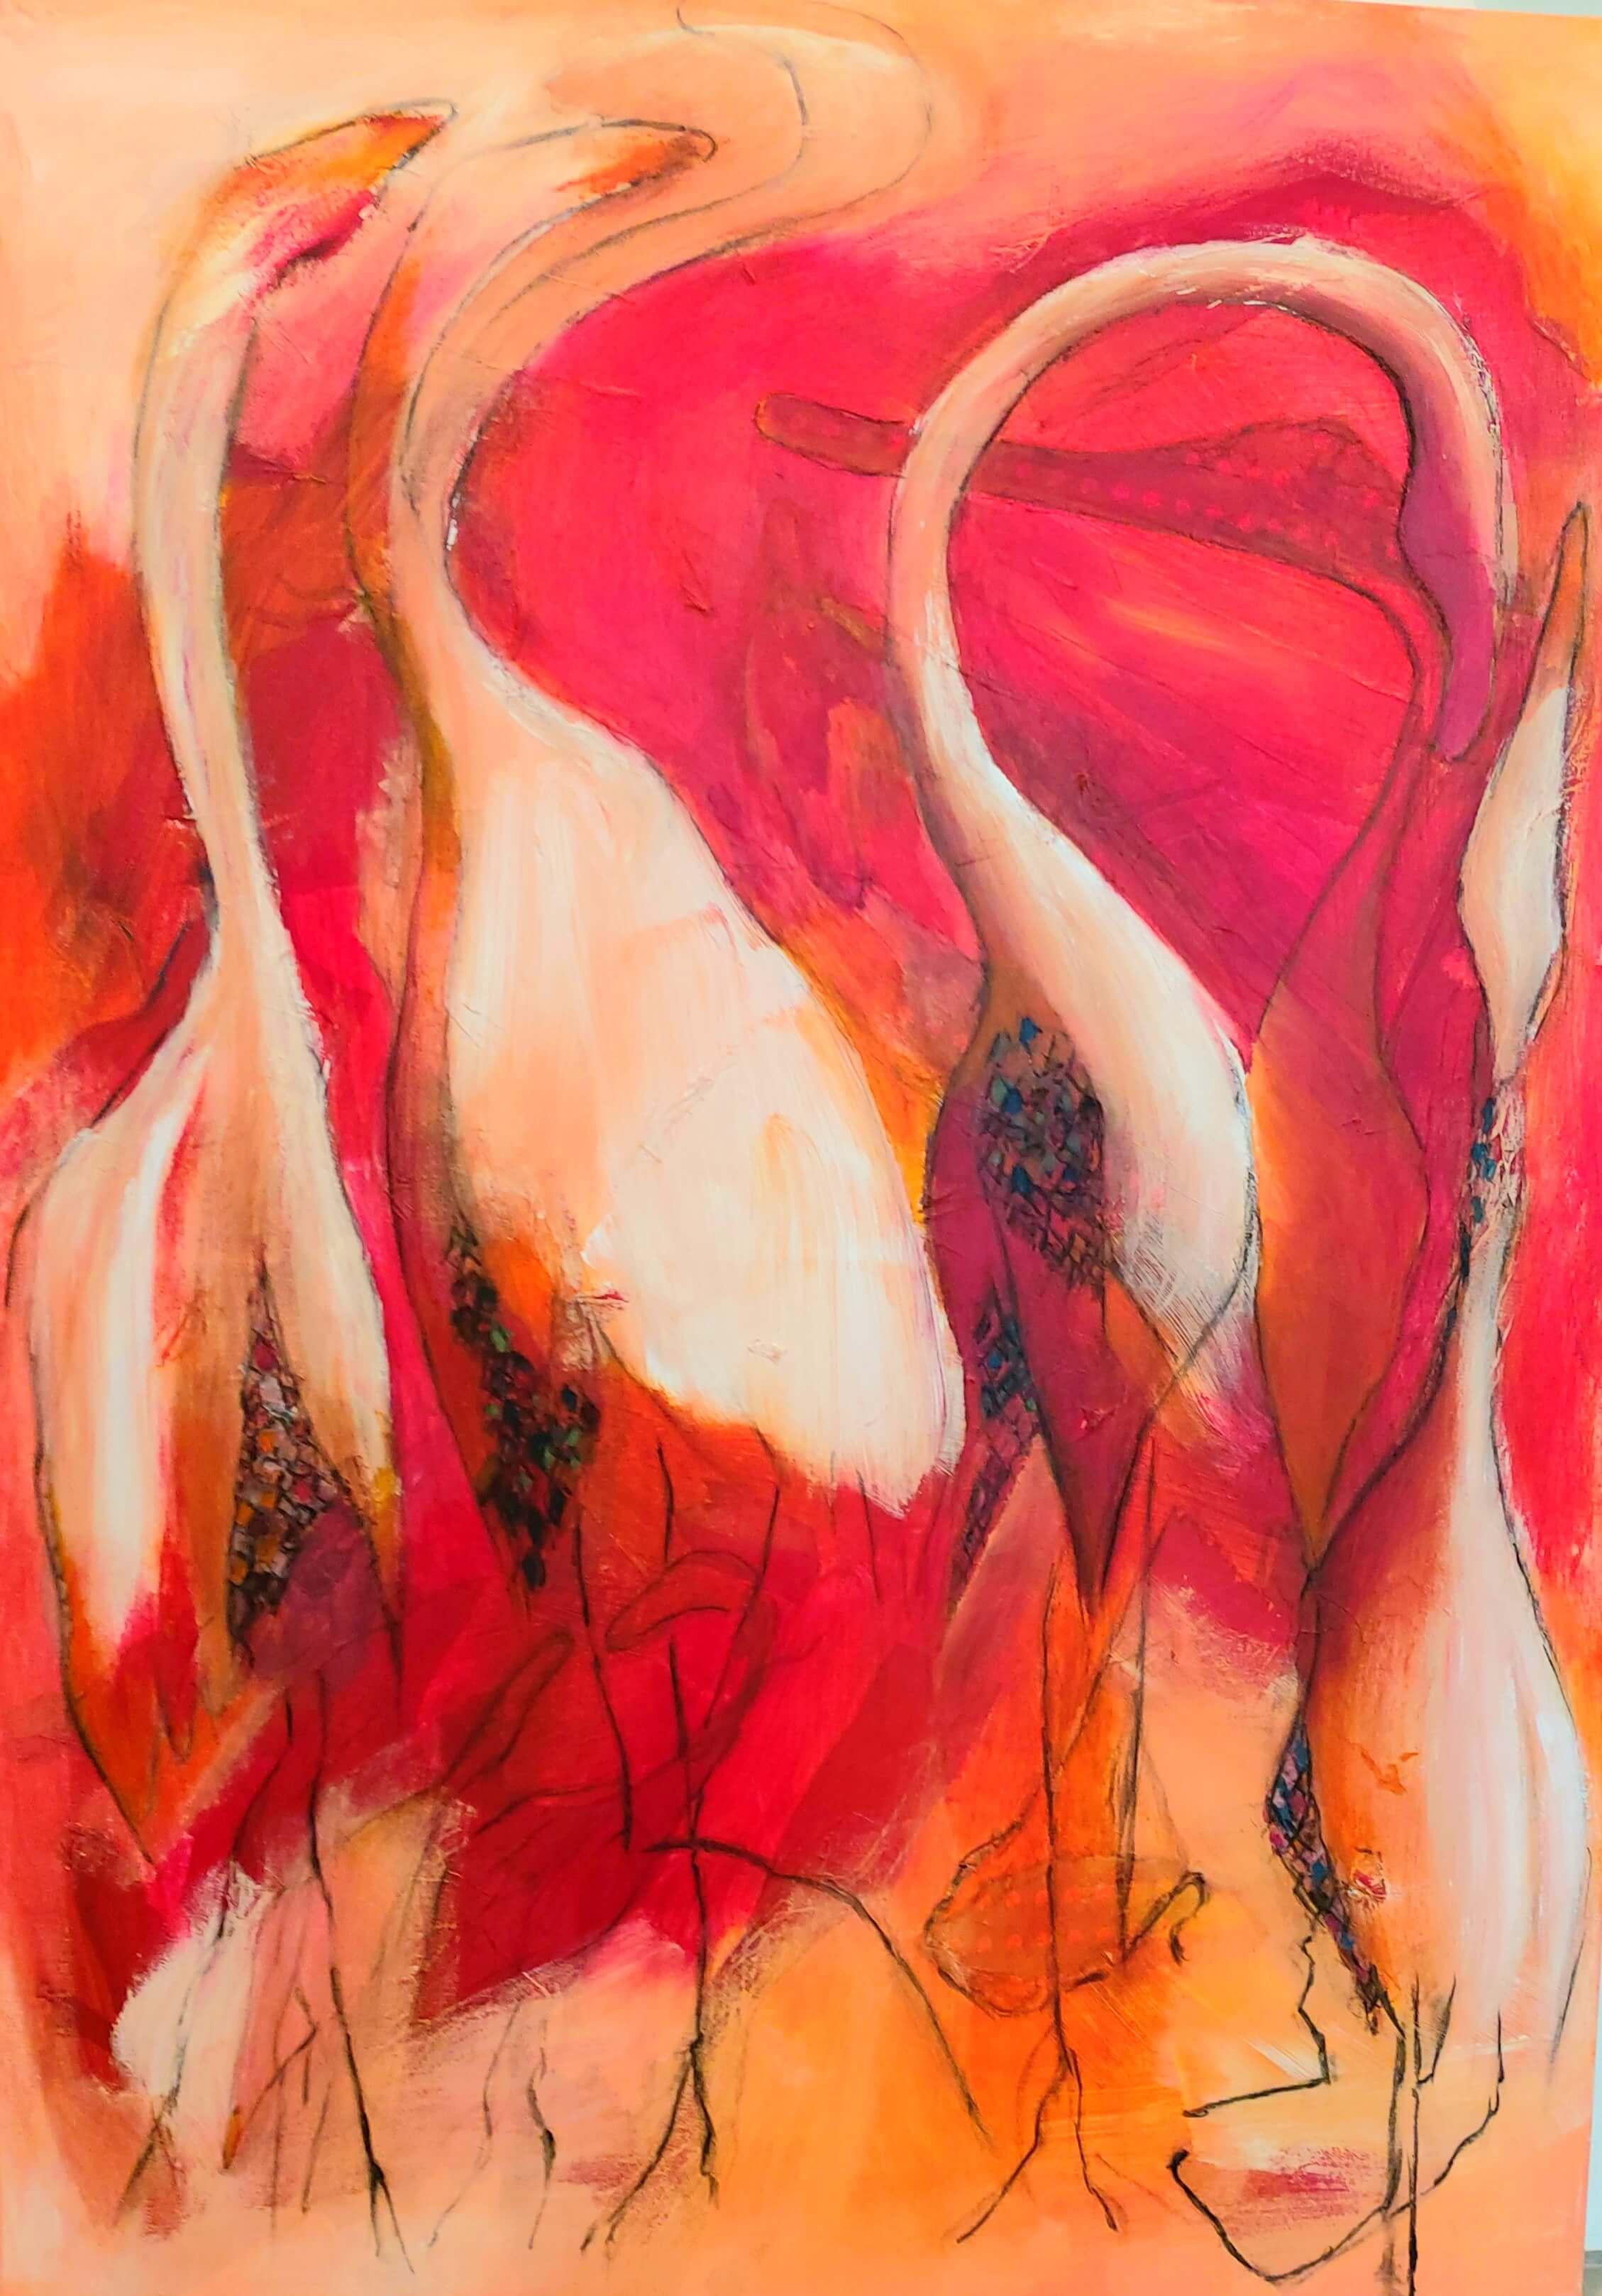 abstrakt og farverigt maleri Fugle af Gunhild Rasmussen